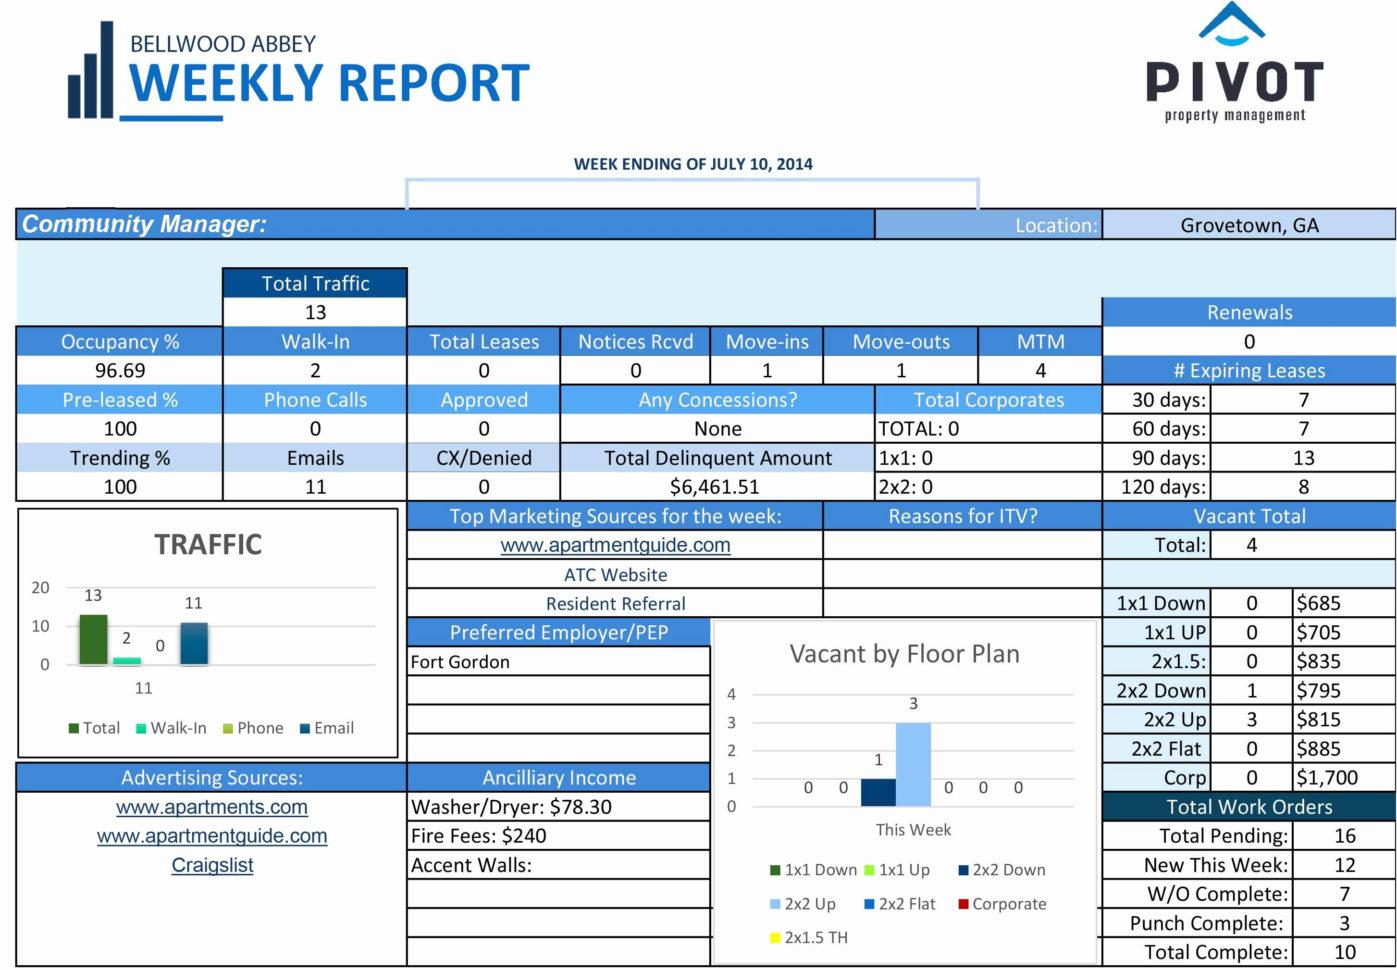 52 Week Savings Plan Spreadsheet Inside Weekly Hourly Planner Template Excel Inspirational 52 Week Savings